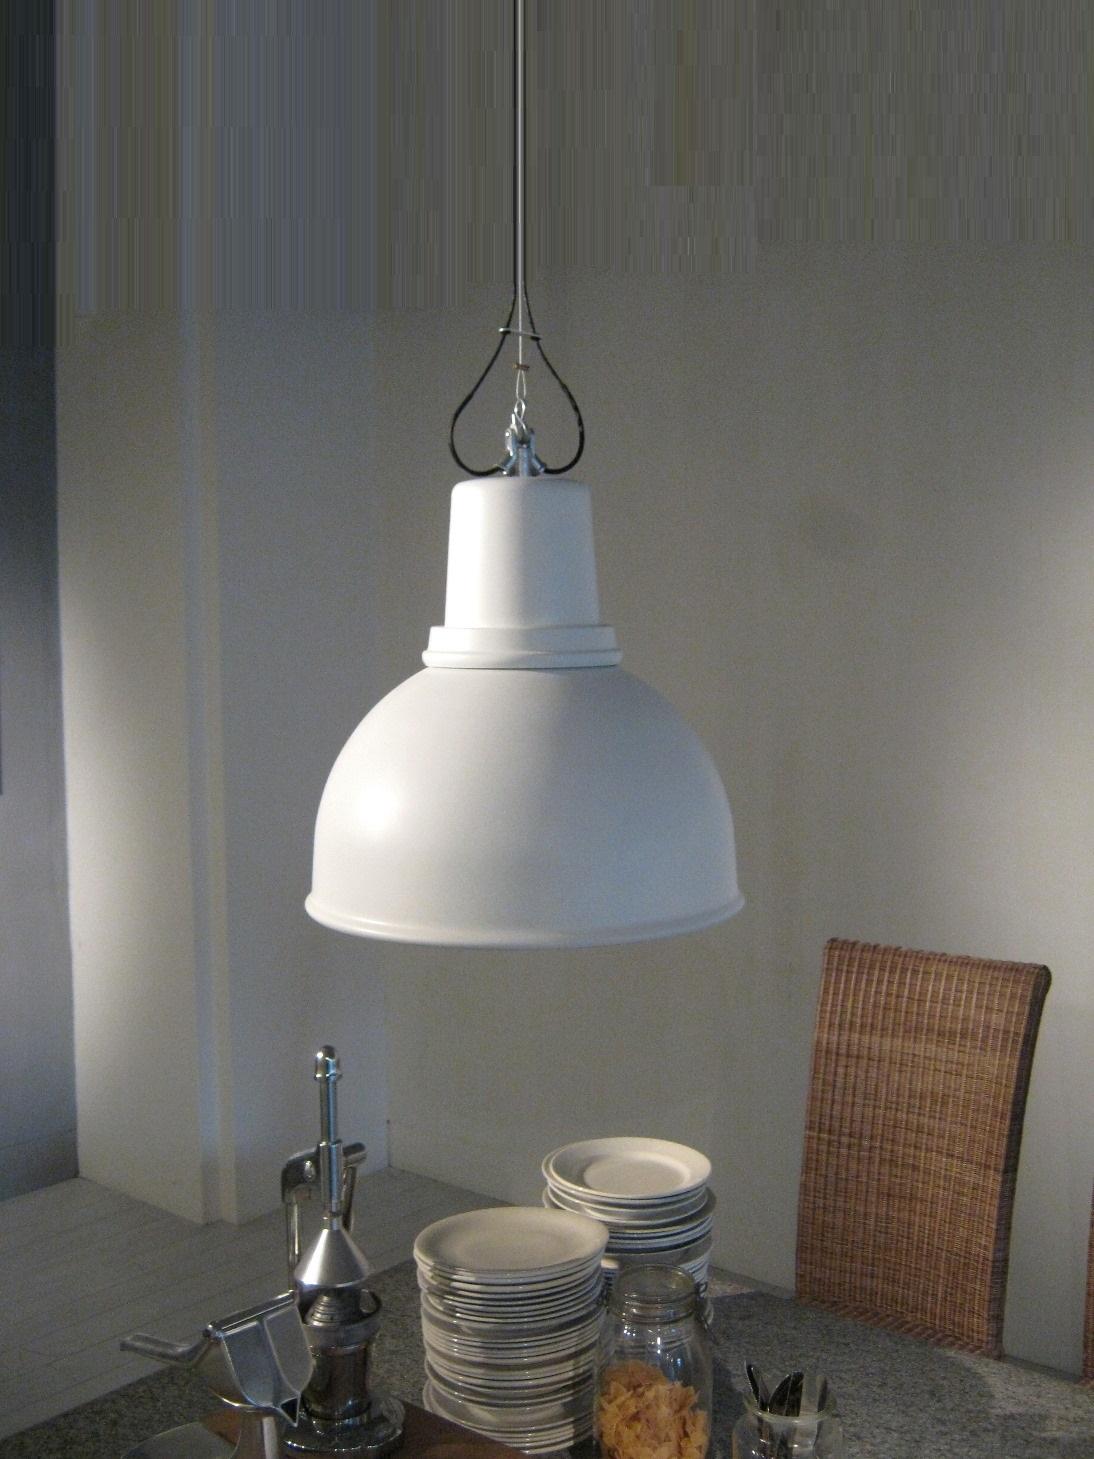 Illuminazione Lampade Sospese: Lampade sospese cucina lampada a sospensione legno compra.